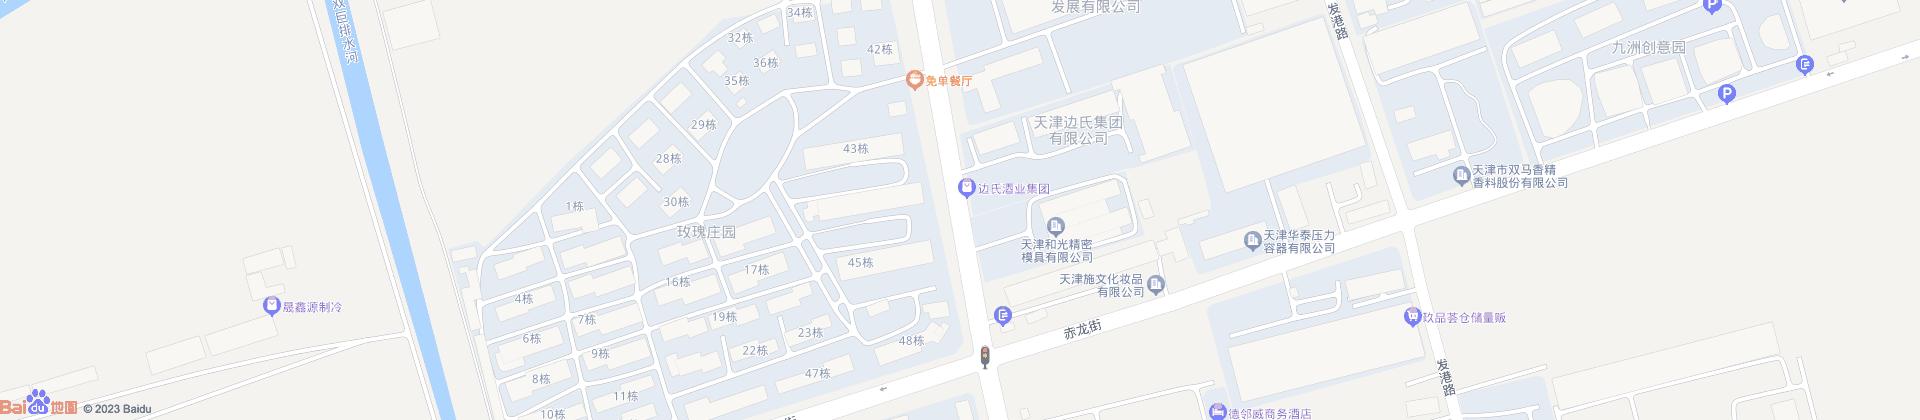 德利民生(天津)商貿有限公司